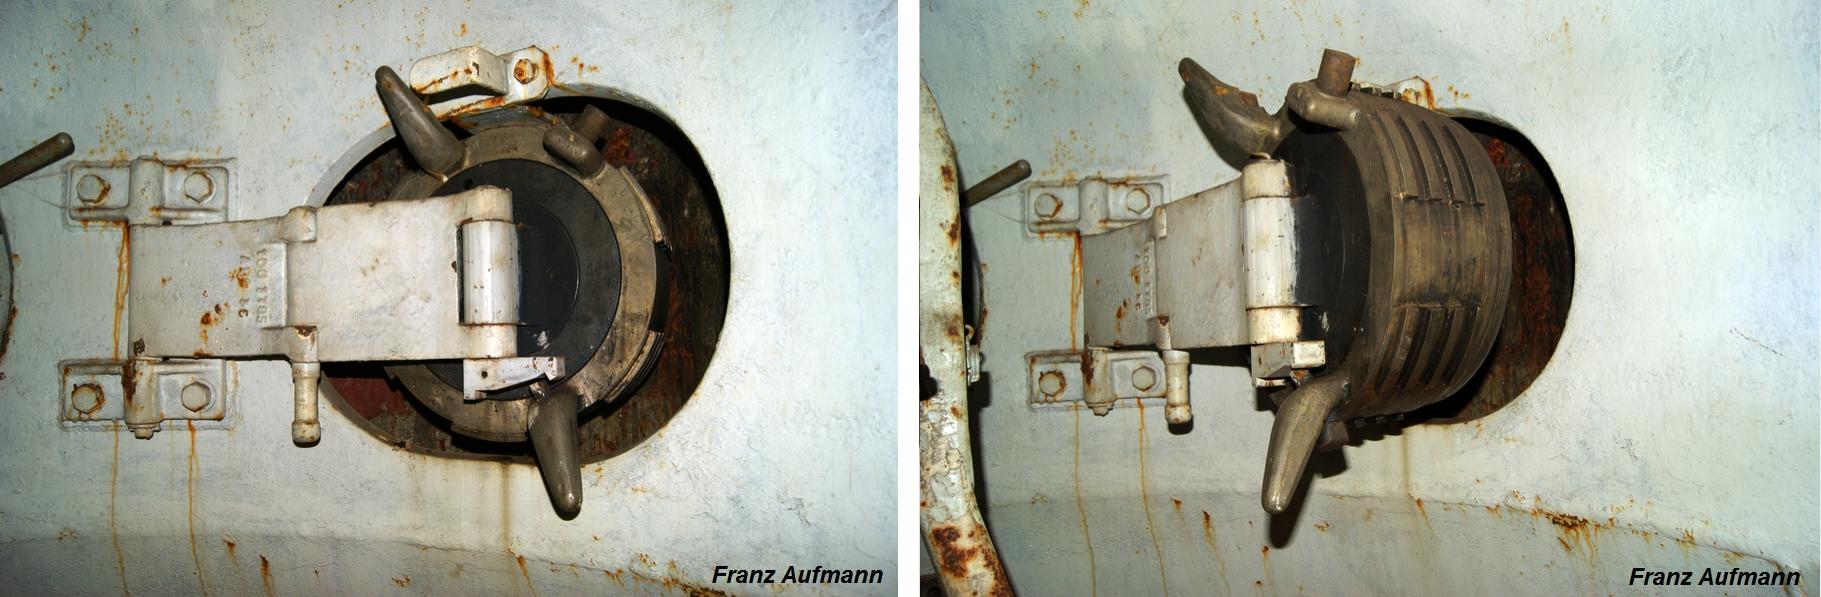 Fot. 11. Obrotowe zamknięcie strzelnicy ulokowane w niszy pancerza na czas prowadzenia ognia ze strzelnicy.